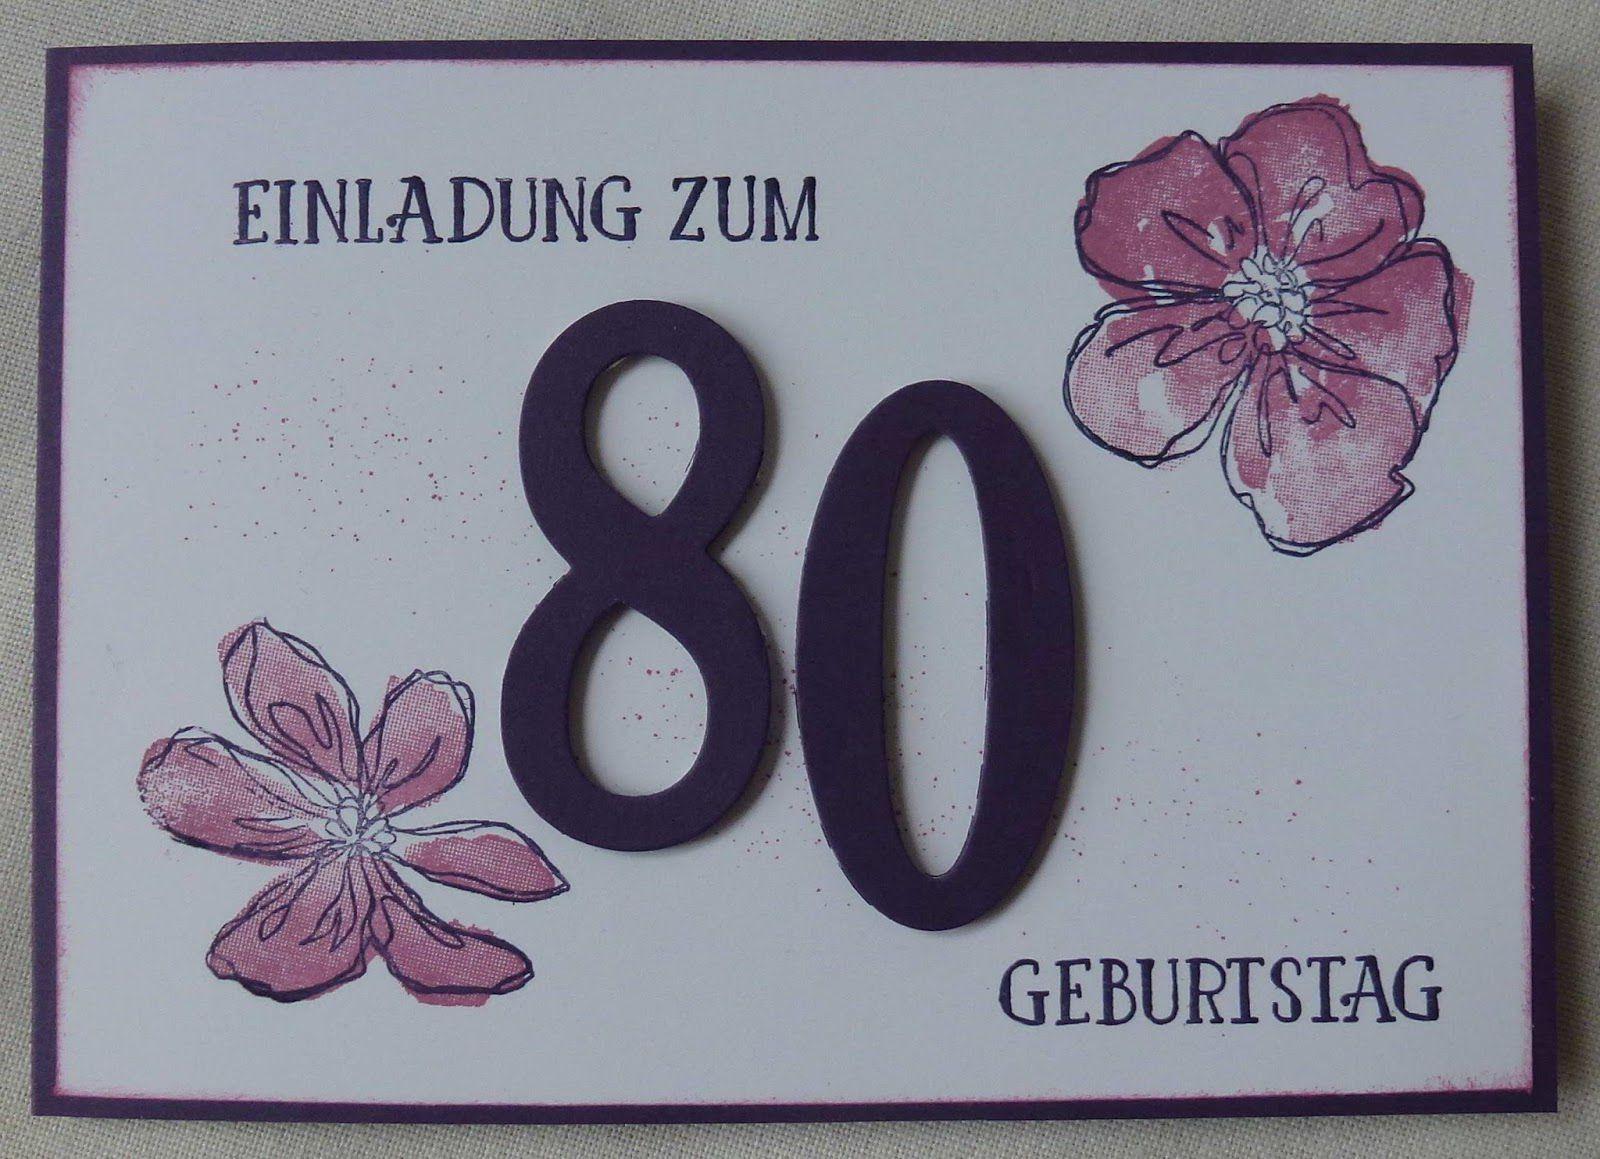 Pin Von Gaby Zwack Auf Oma Geburtstag In 2020 Einladung 80